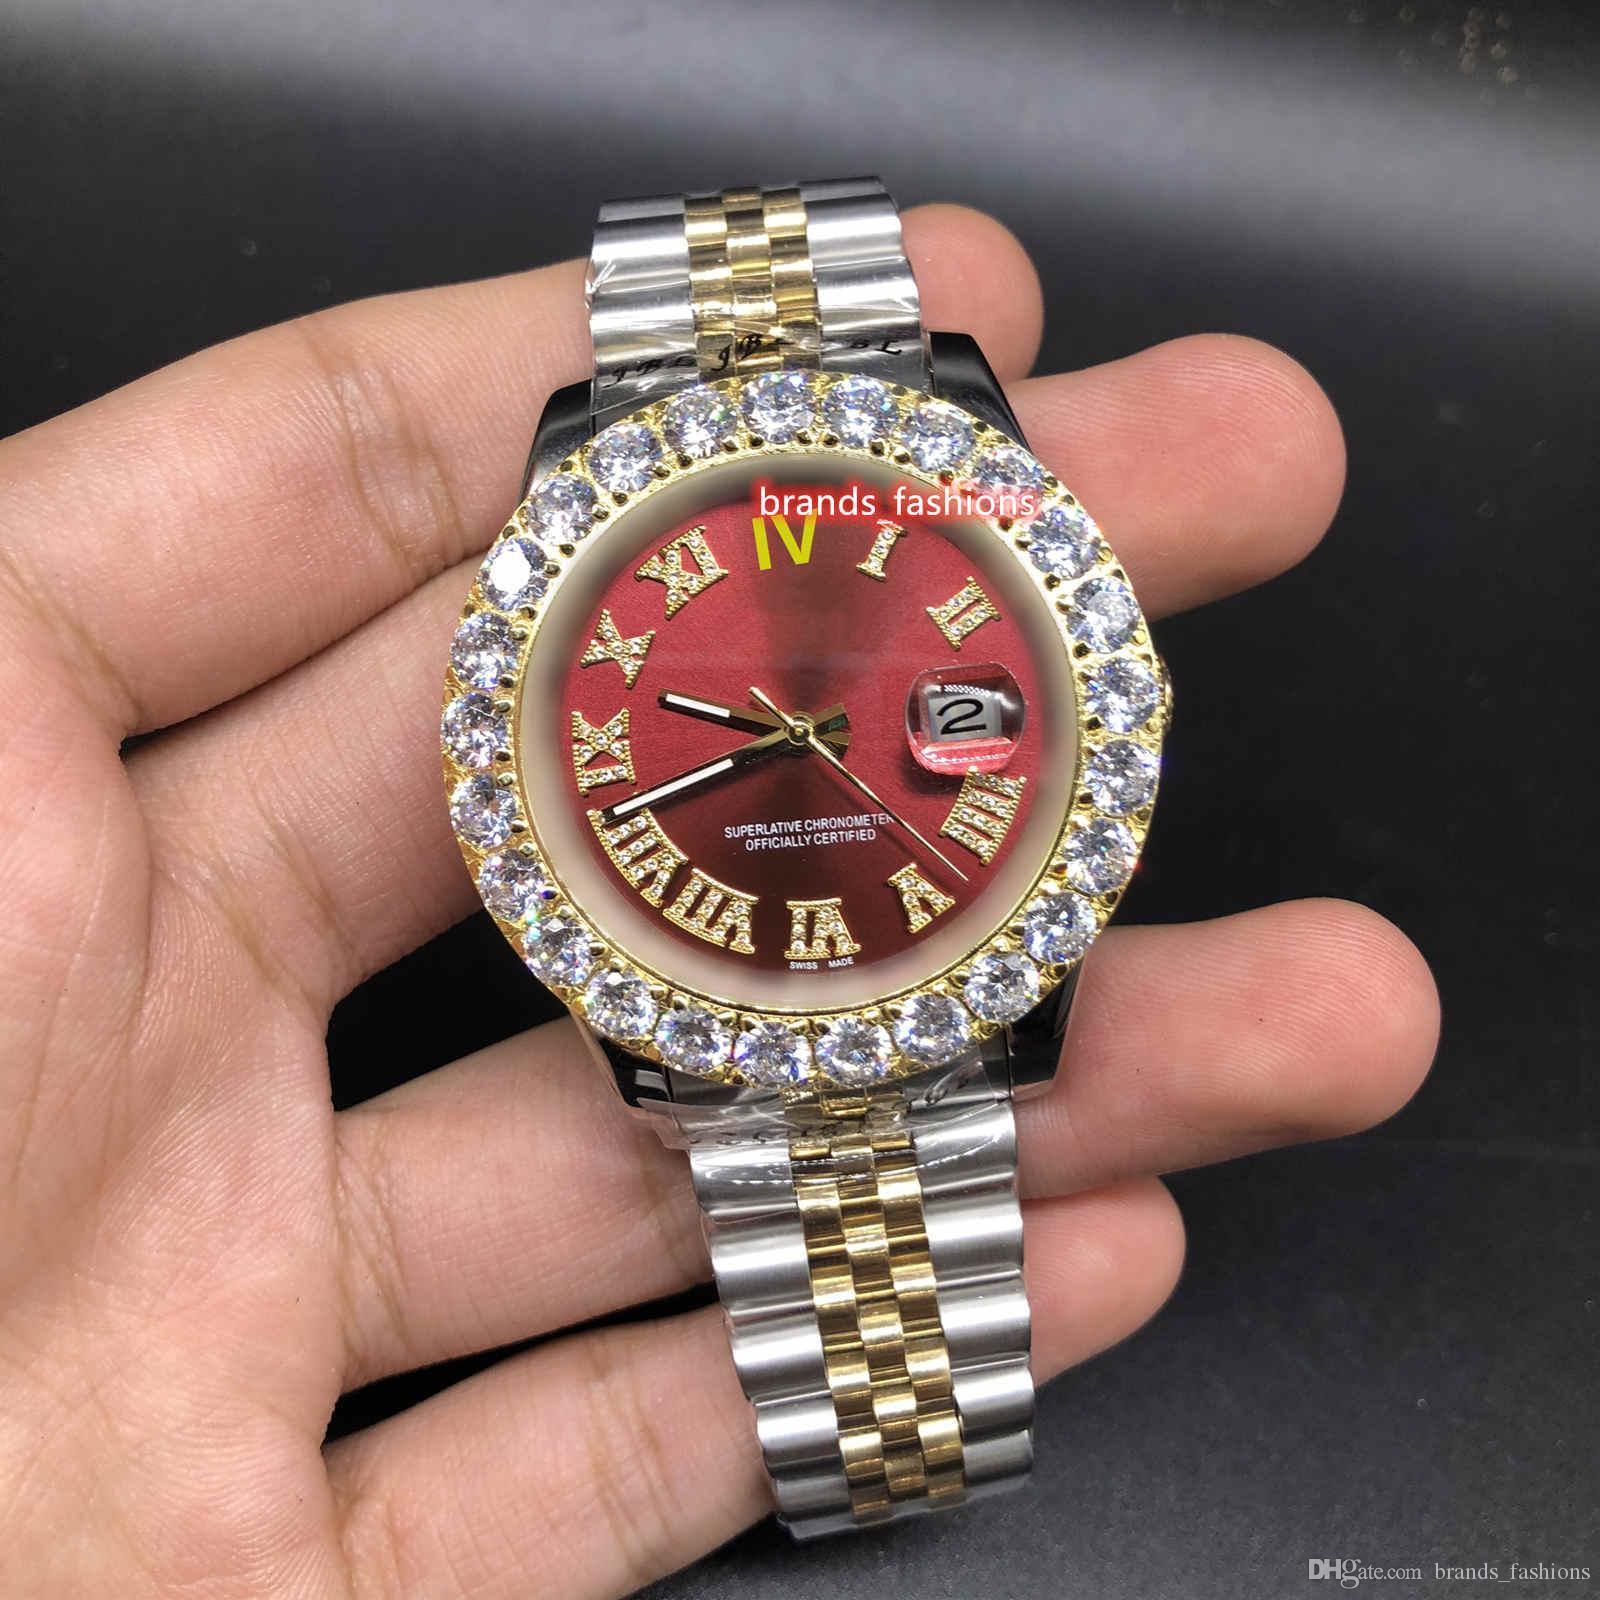 프롱 세트 다이아몬드 시계 레드 페이스 시계 양성 골드 스테인레스 스틸 스트랩 시계 자동 기계 스포츠 시계